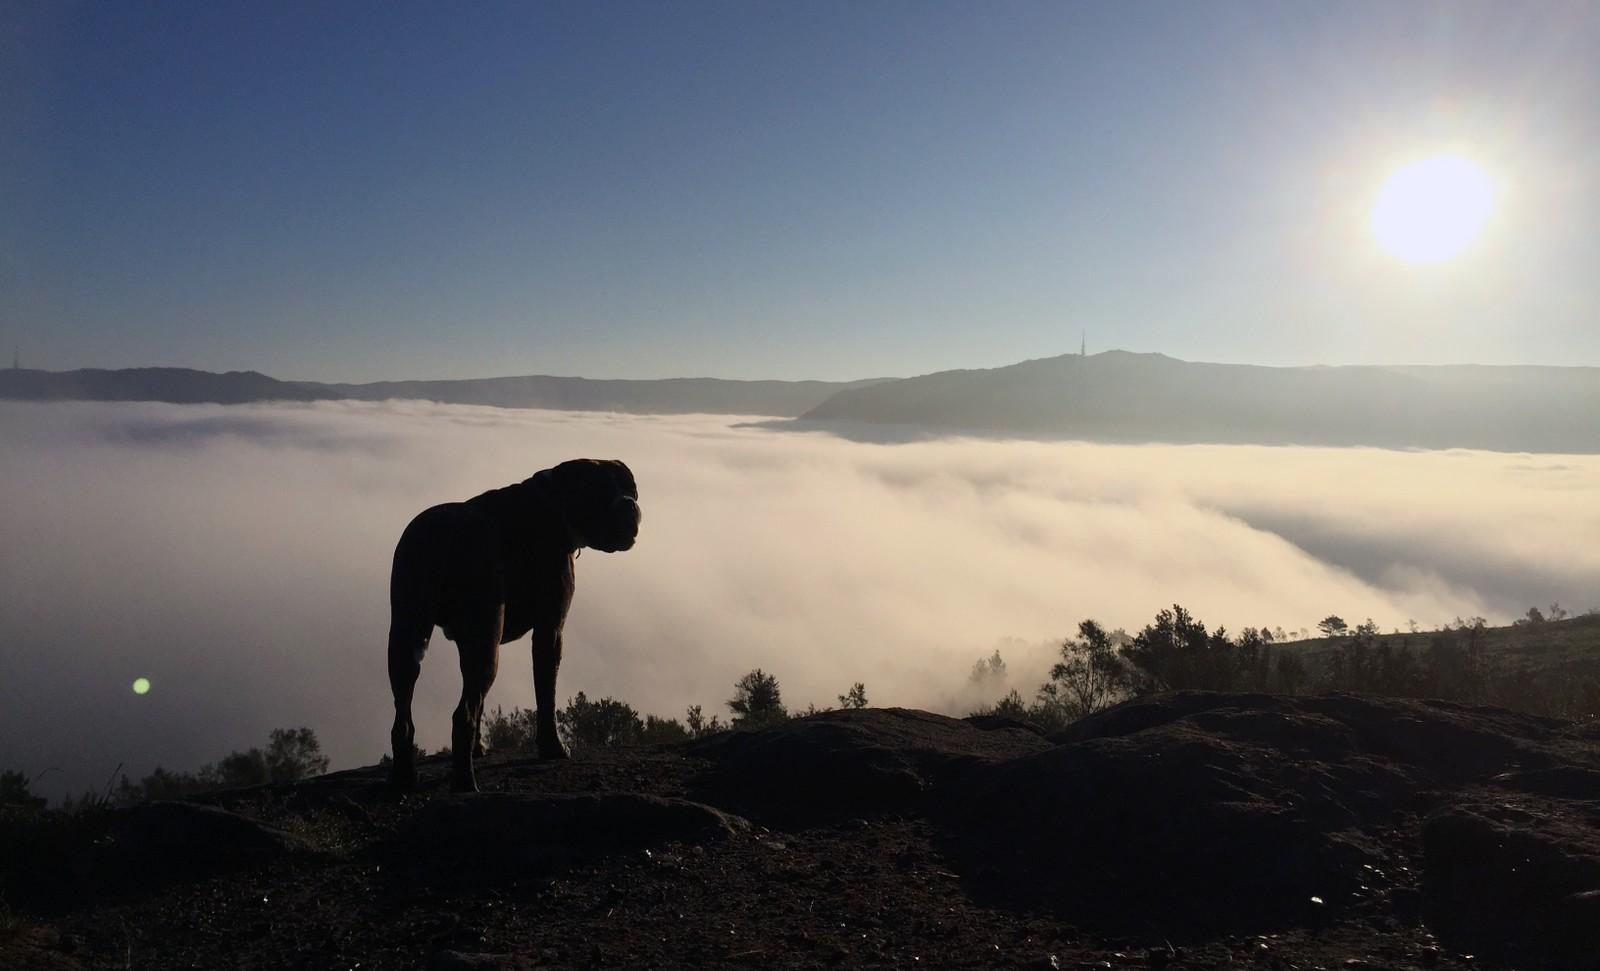 OPPLEV DET SAMME: Vil du oppleve det samme som Pål gjorde i dag, bør du stikke til fjells torsdag morgen. Da kan det bli samme type vær med sol og tåke i Bergen.